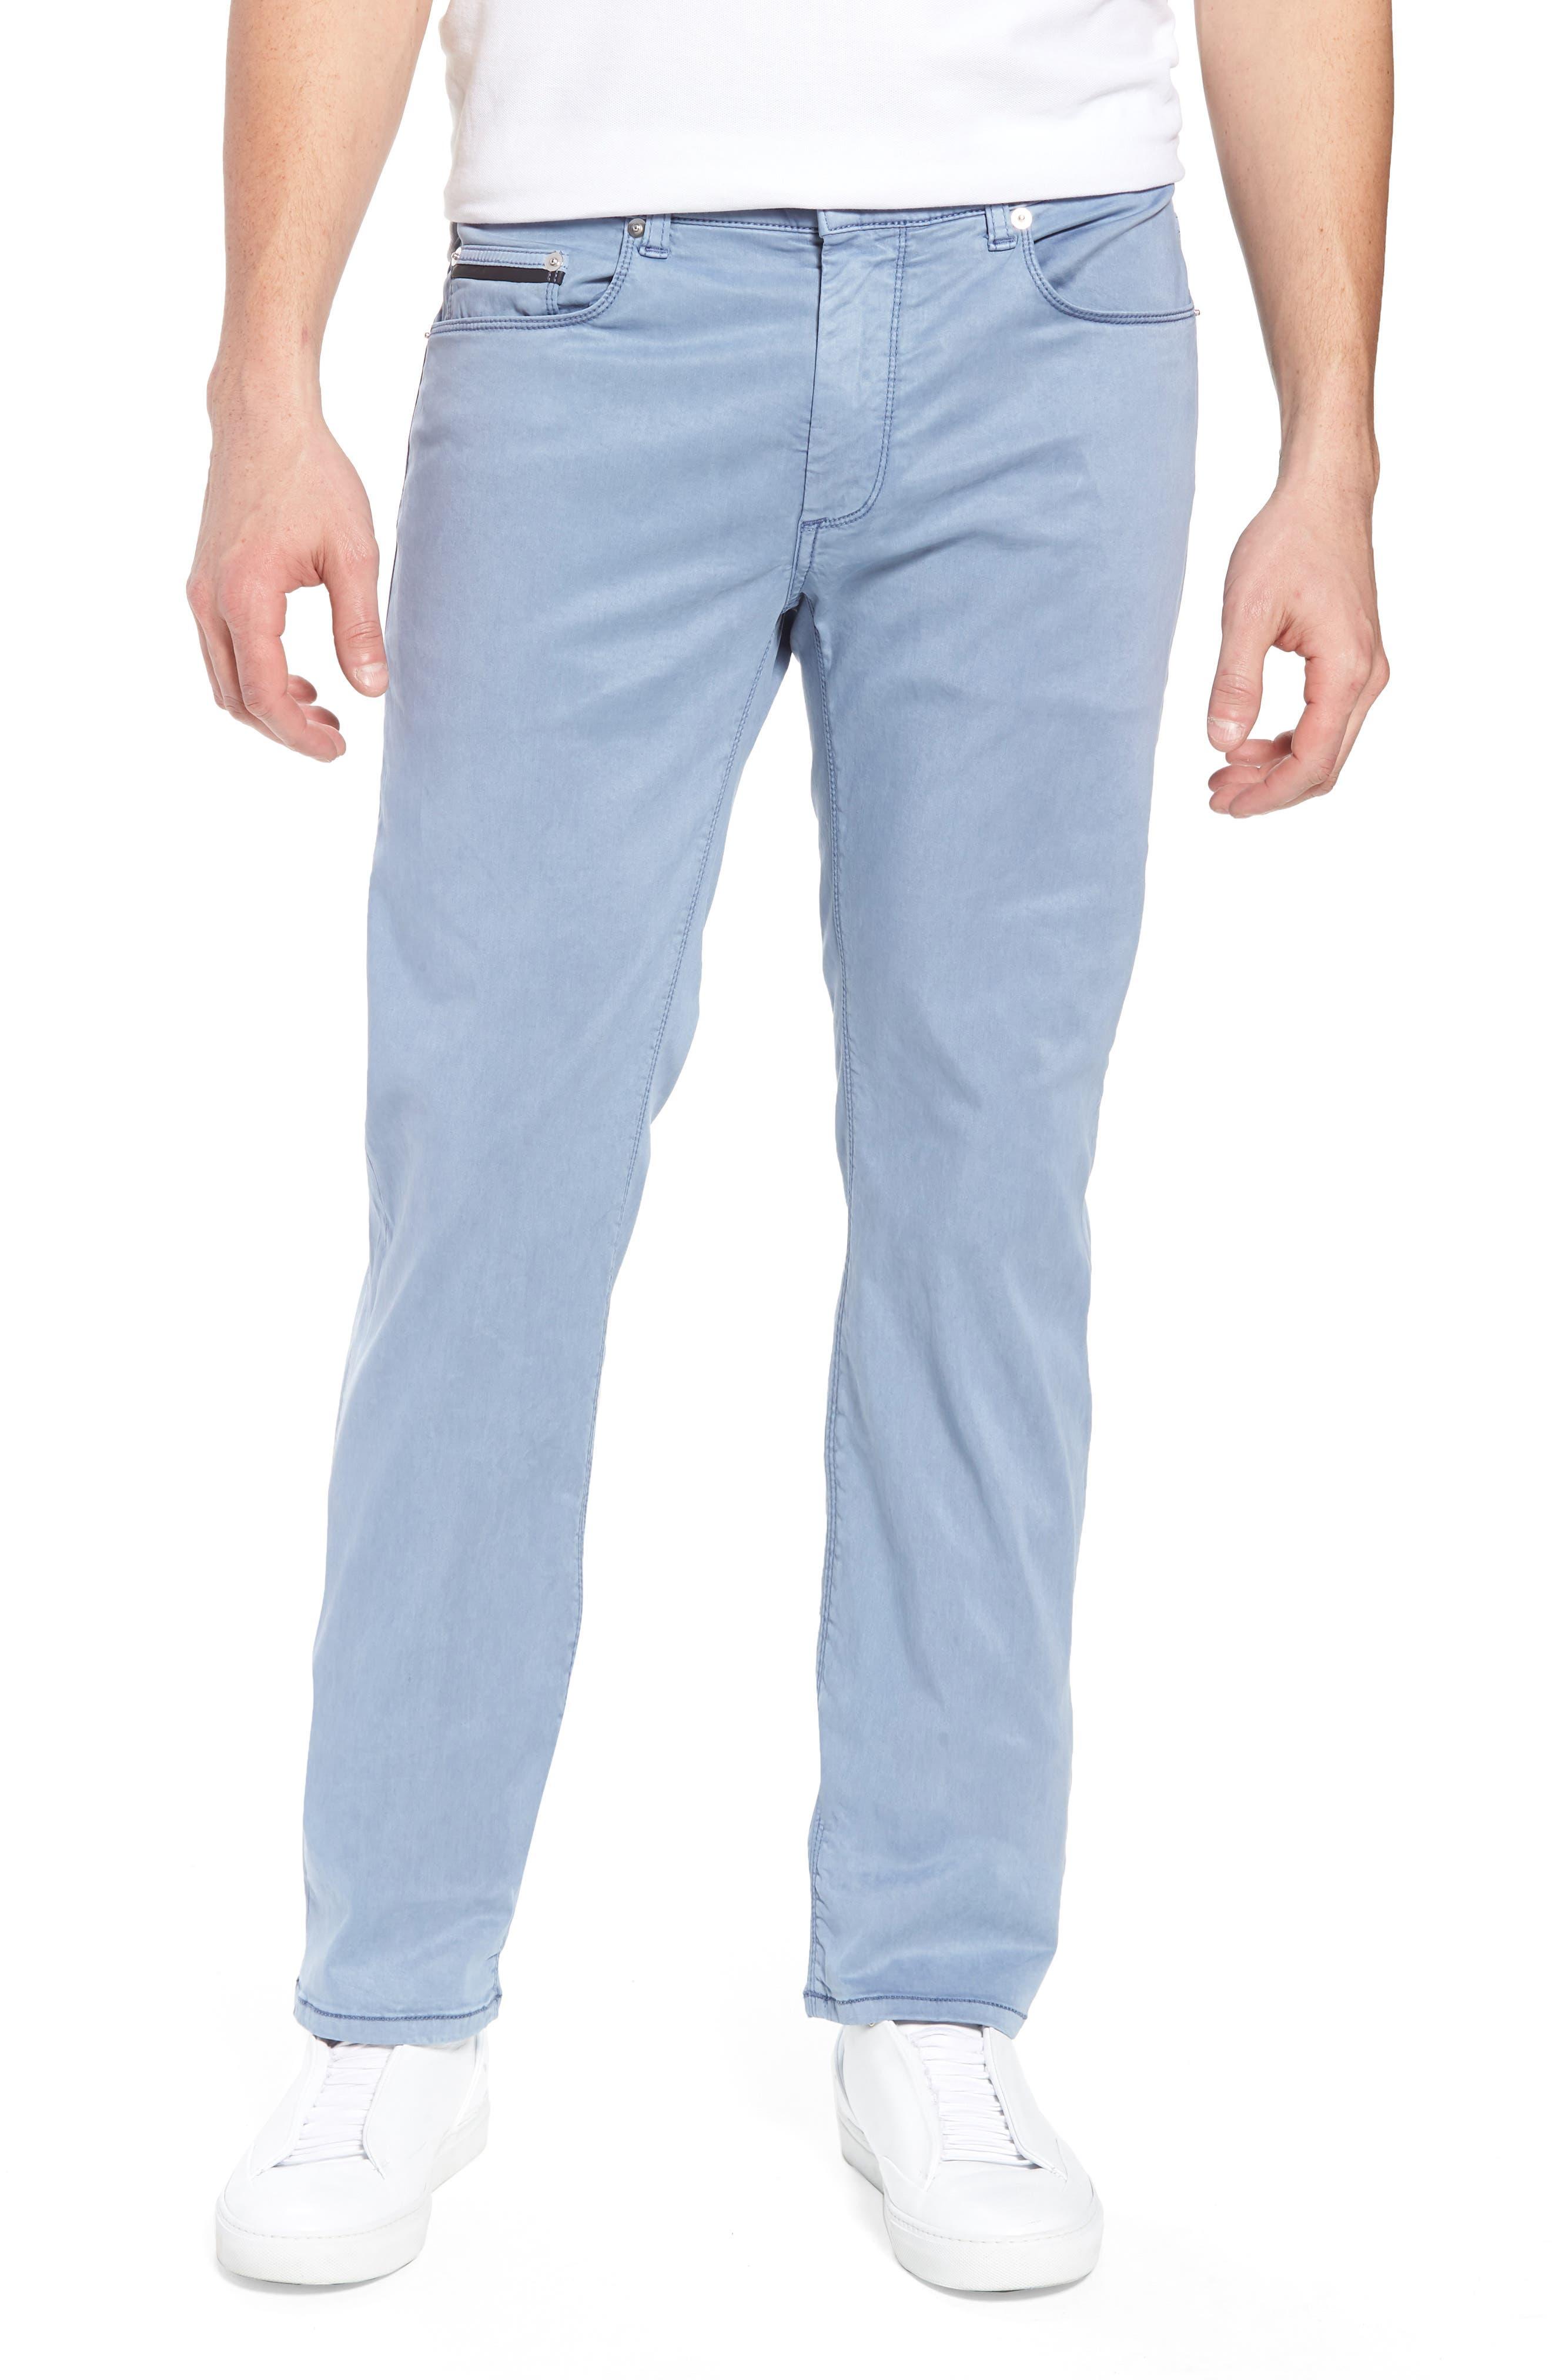 Trim Fit Pants,                         Main,                         color, Cobalt